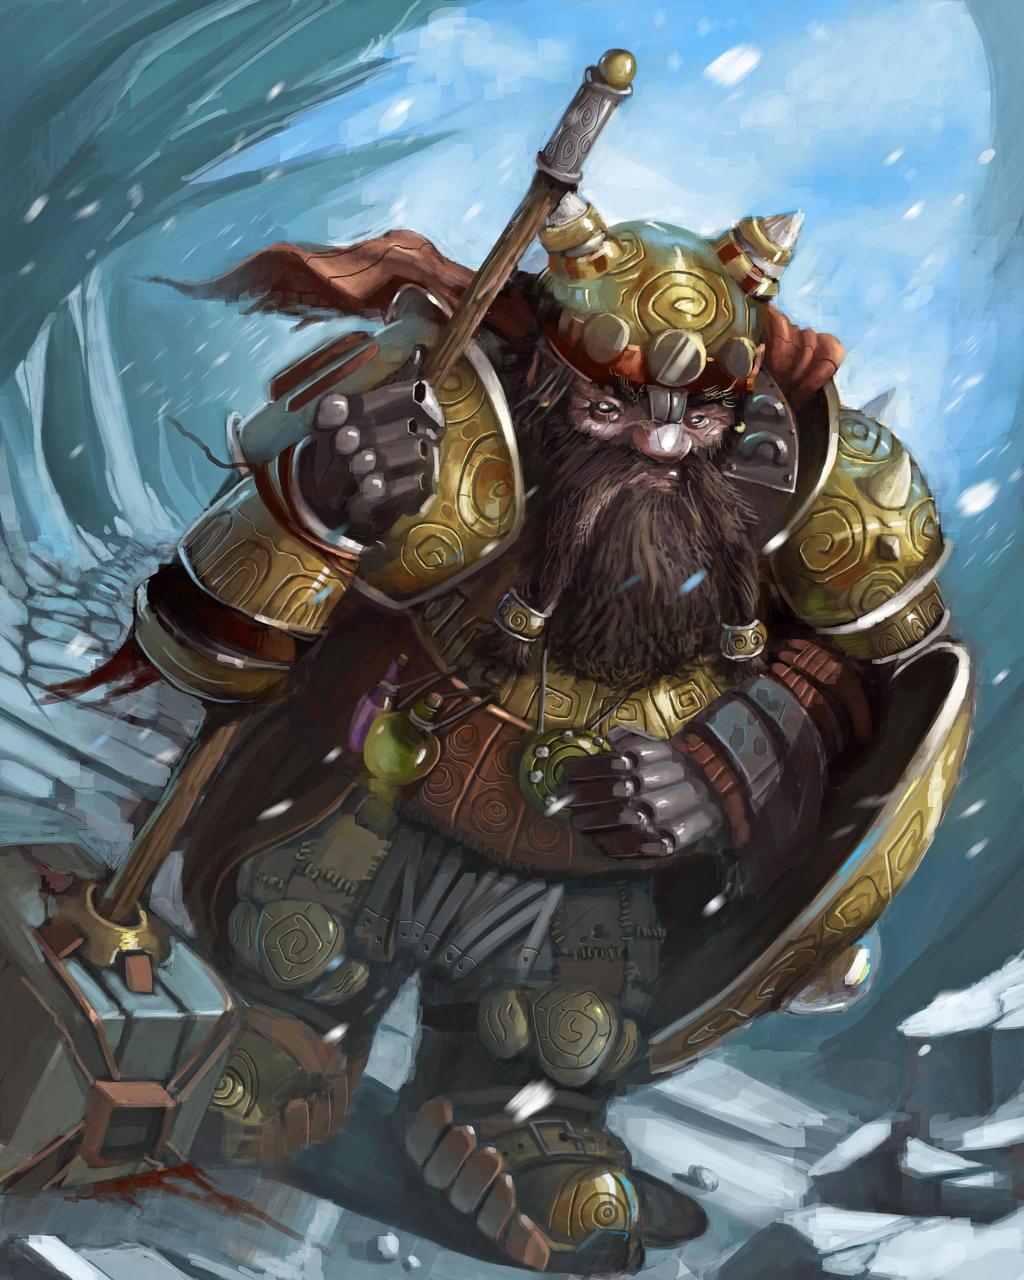 Tired Dwarf by GansOne89